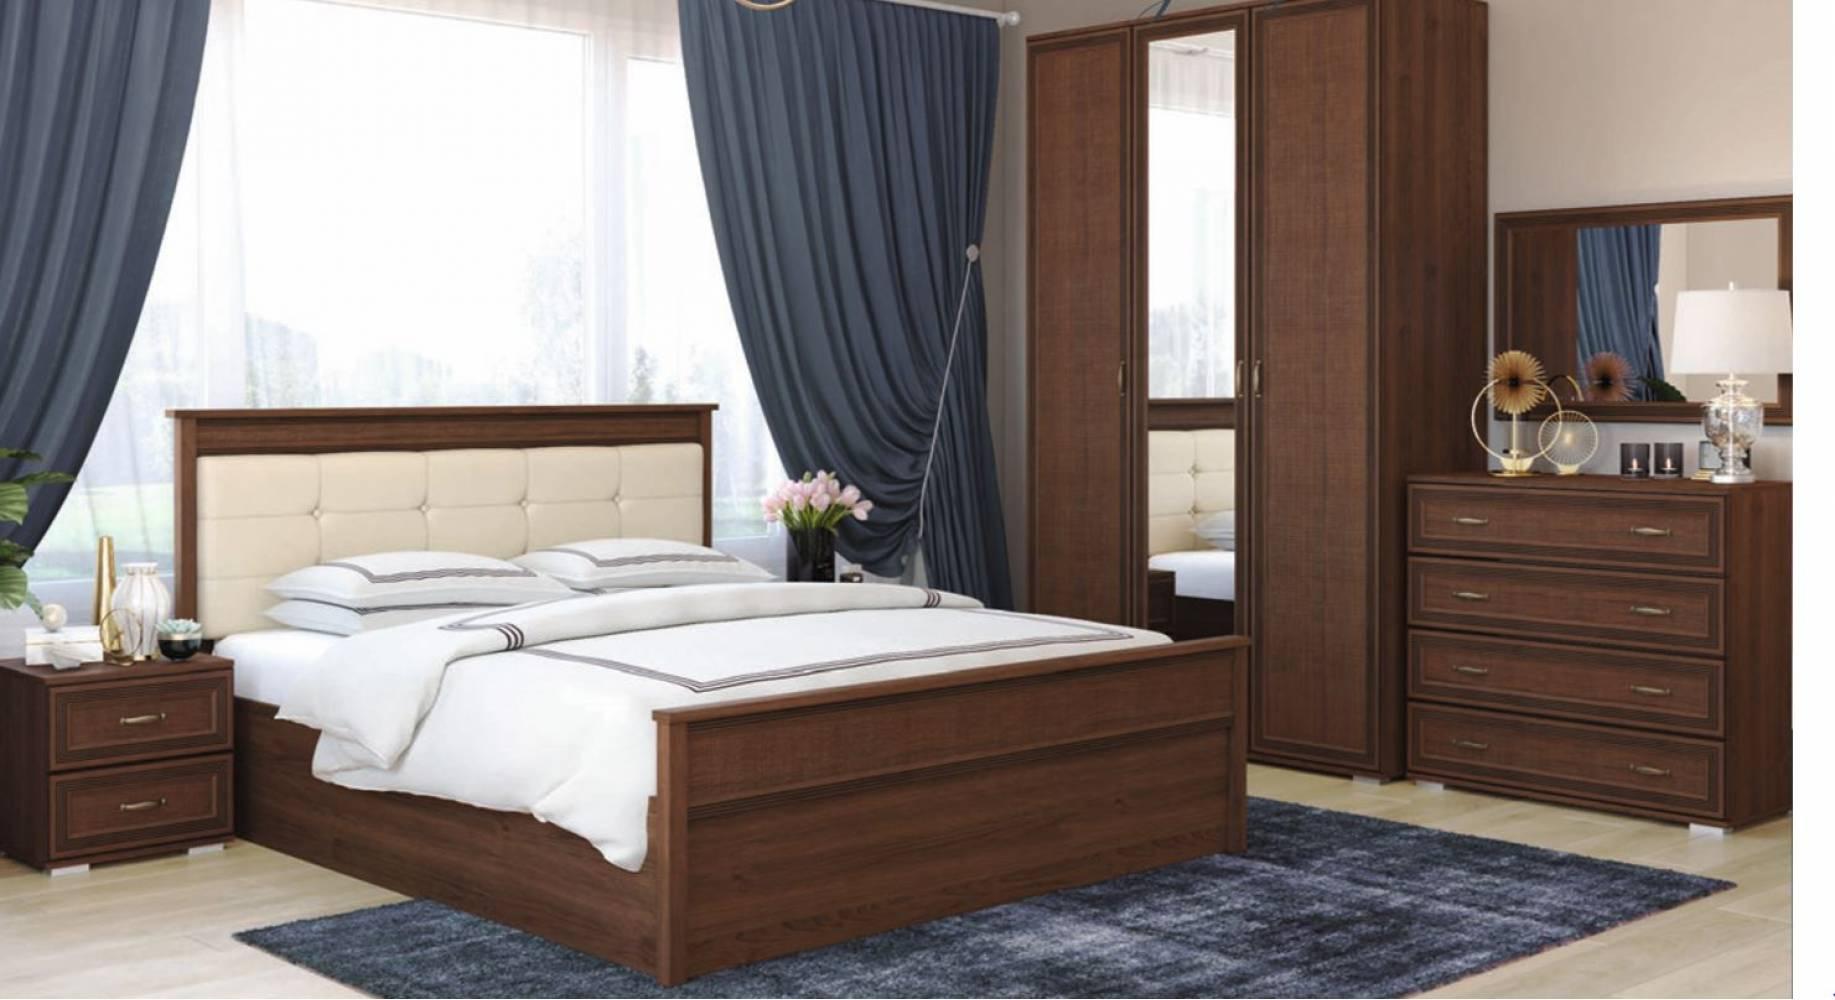 Спальня Ливорно, Орех донской, Комплект 1